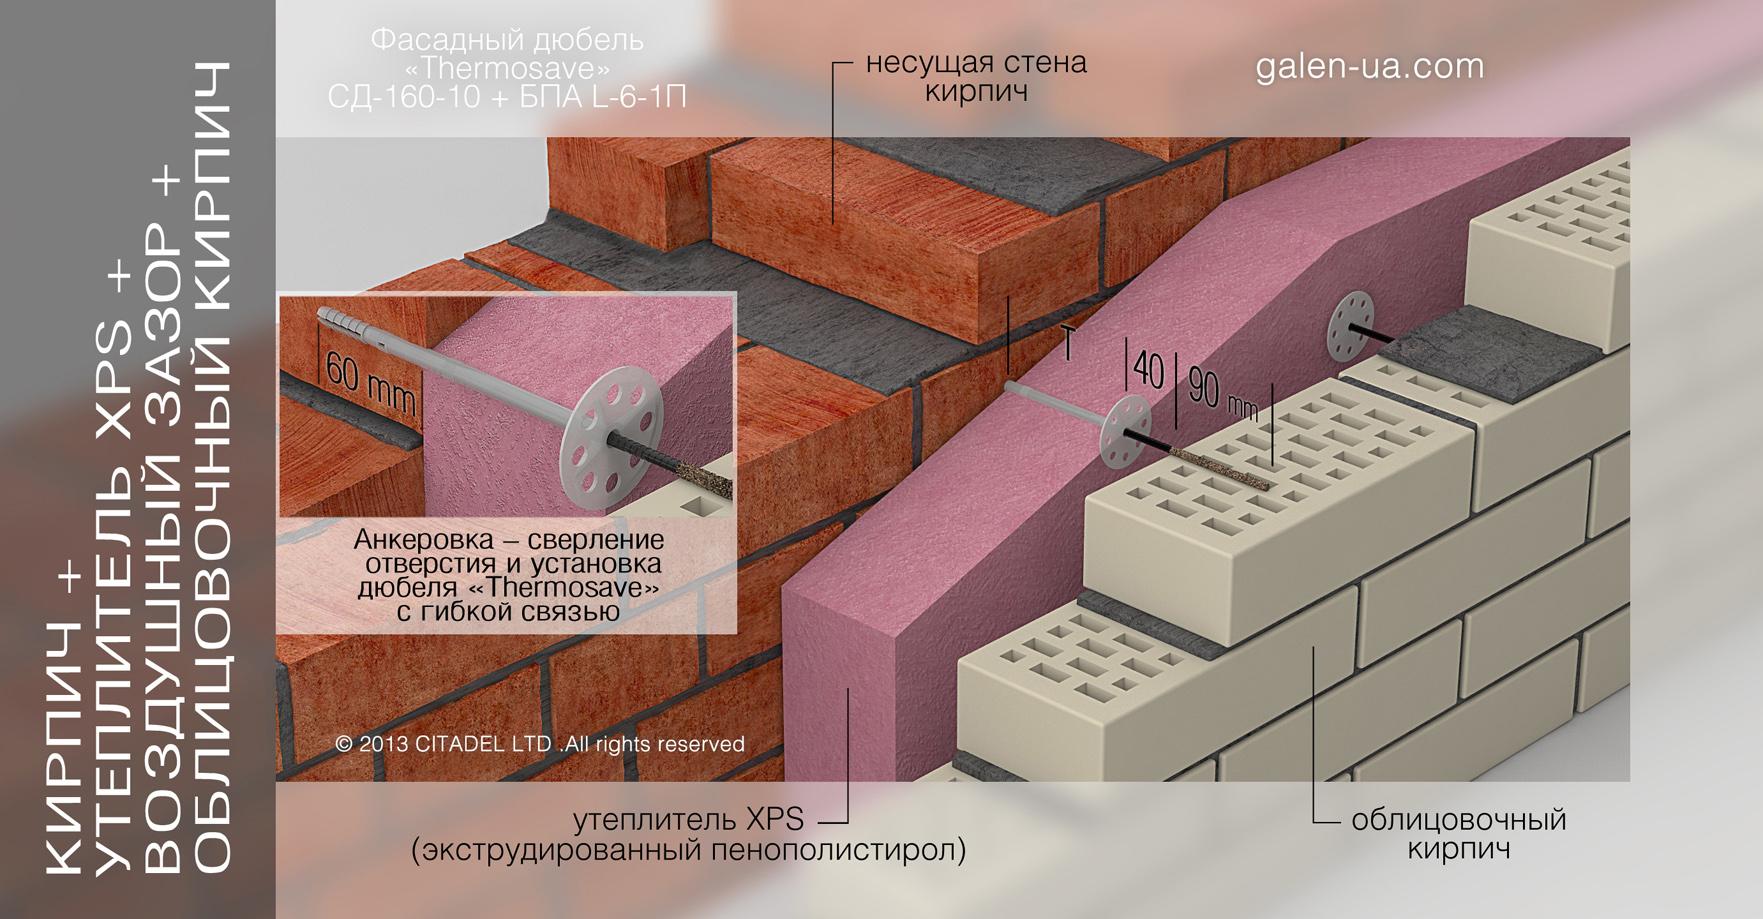 Фасадный дюбель «Thermosave» СД-160-10 + БПА L-6-1П: Кирпич + Утеплитель XPS + Воздушный зазор + Облицовочный кирпич